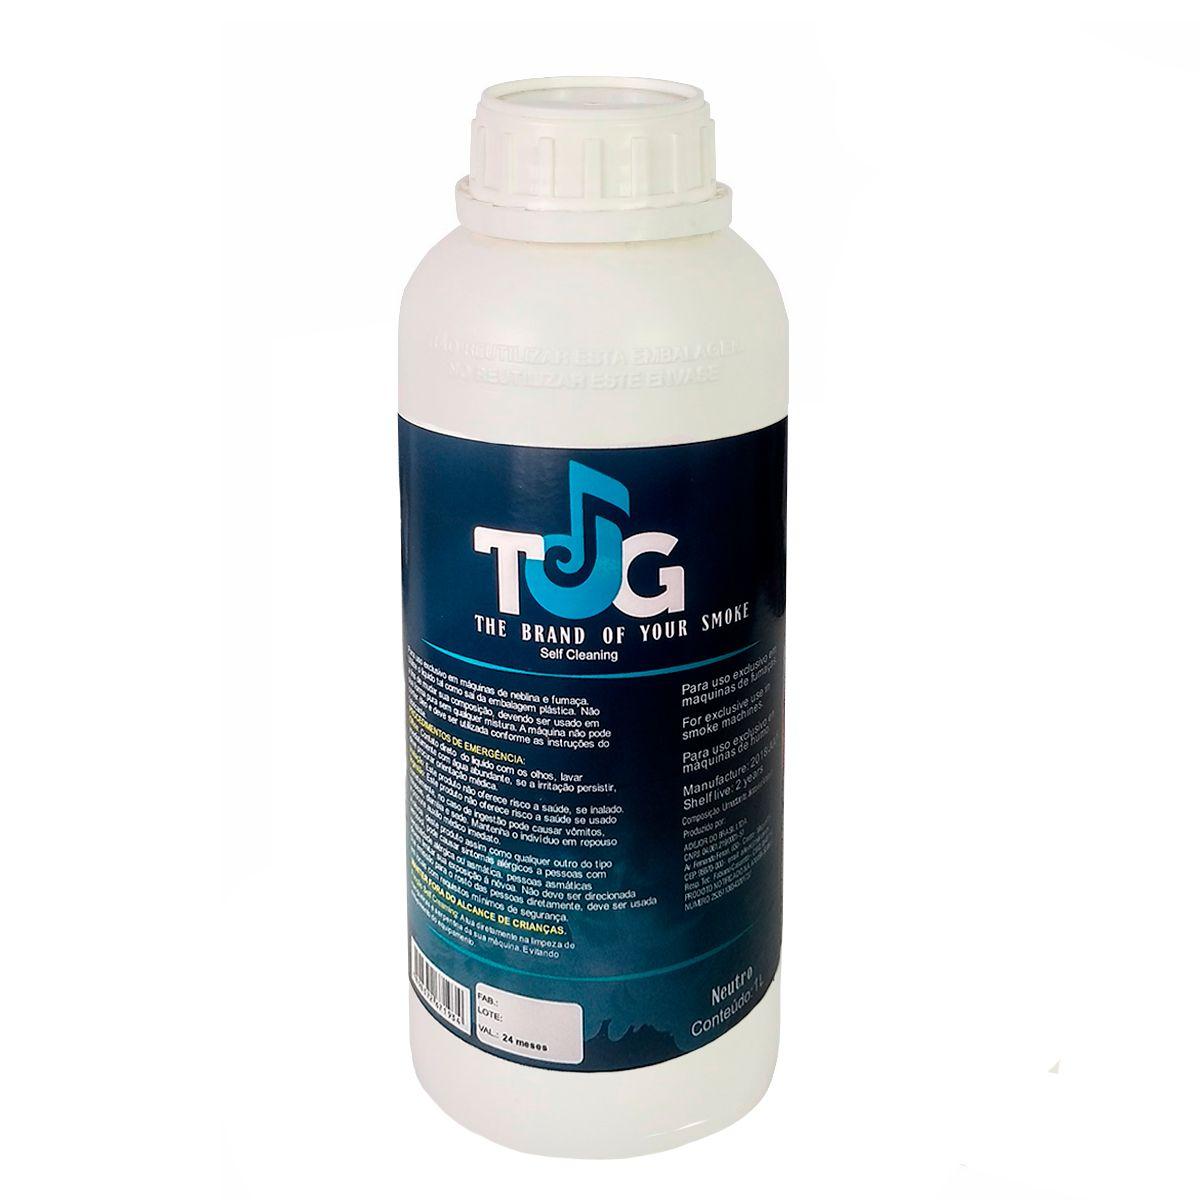 Líquido para Máquina de Fumaça TJG - Self Cleaning - Neutro 1L